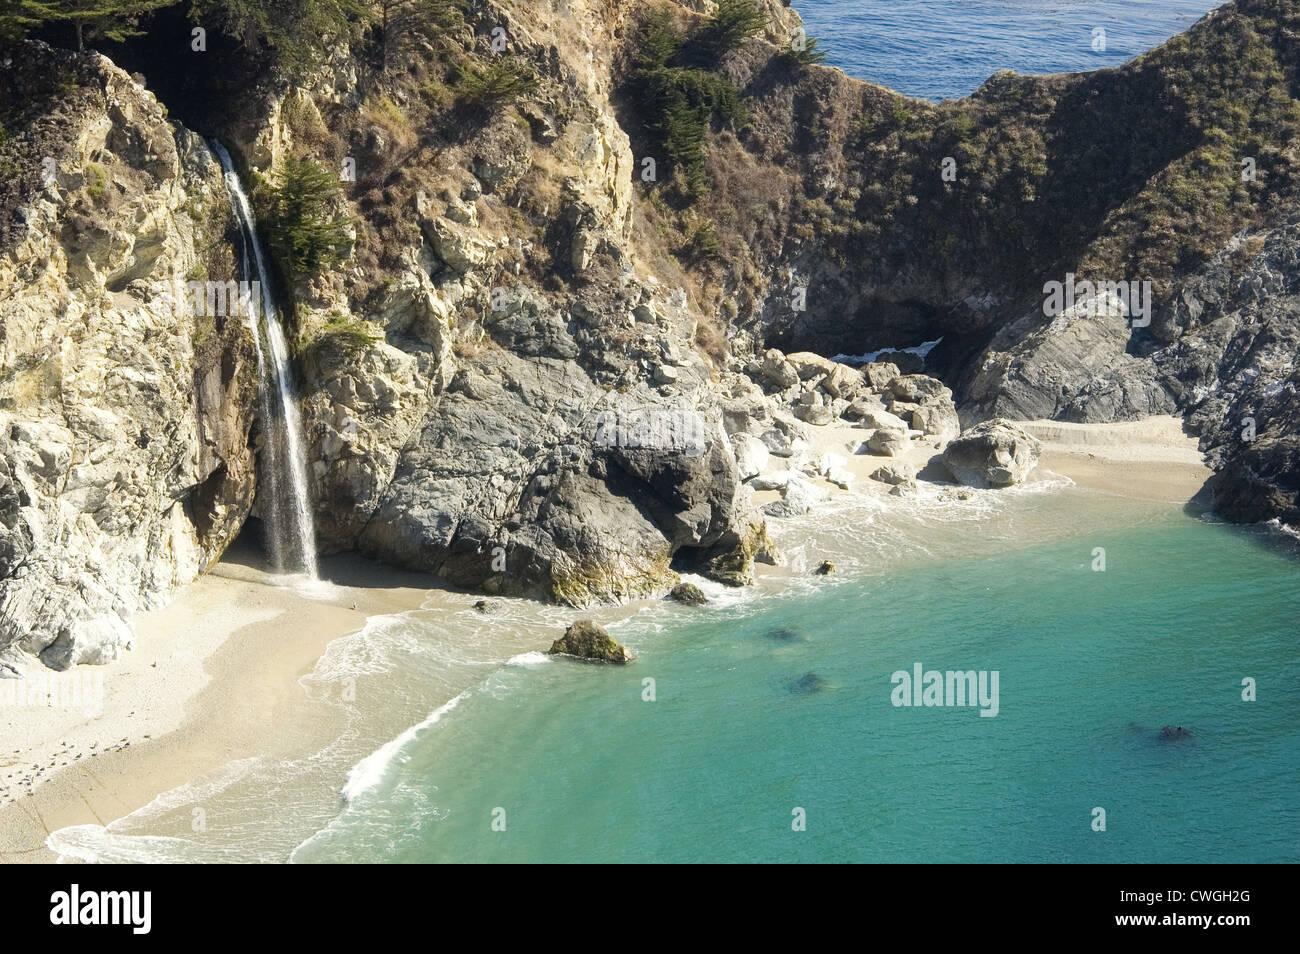 Waterfall Onto BeachStock Photo